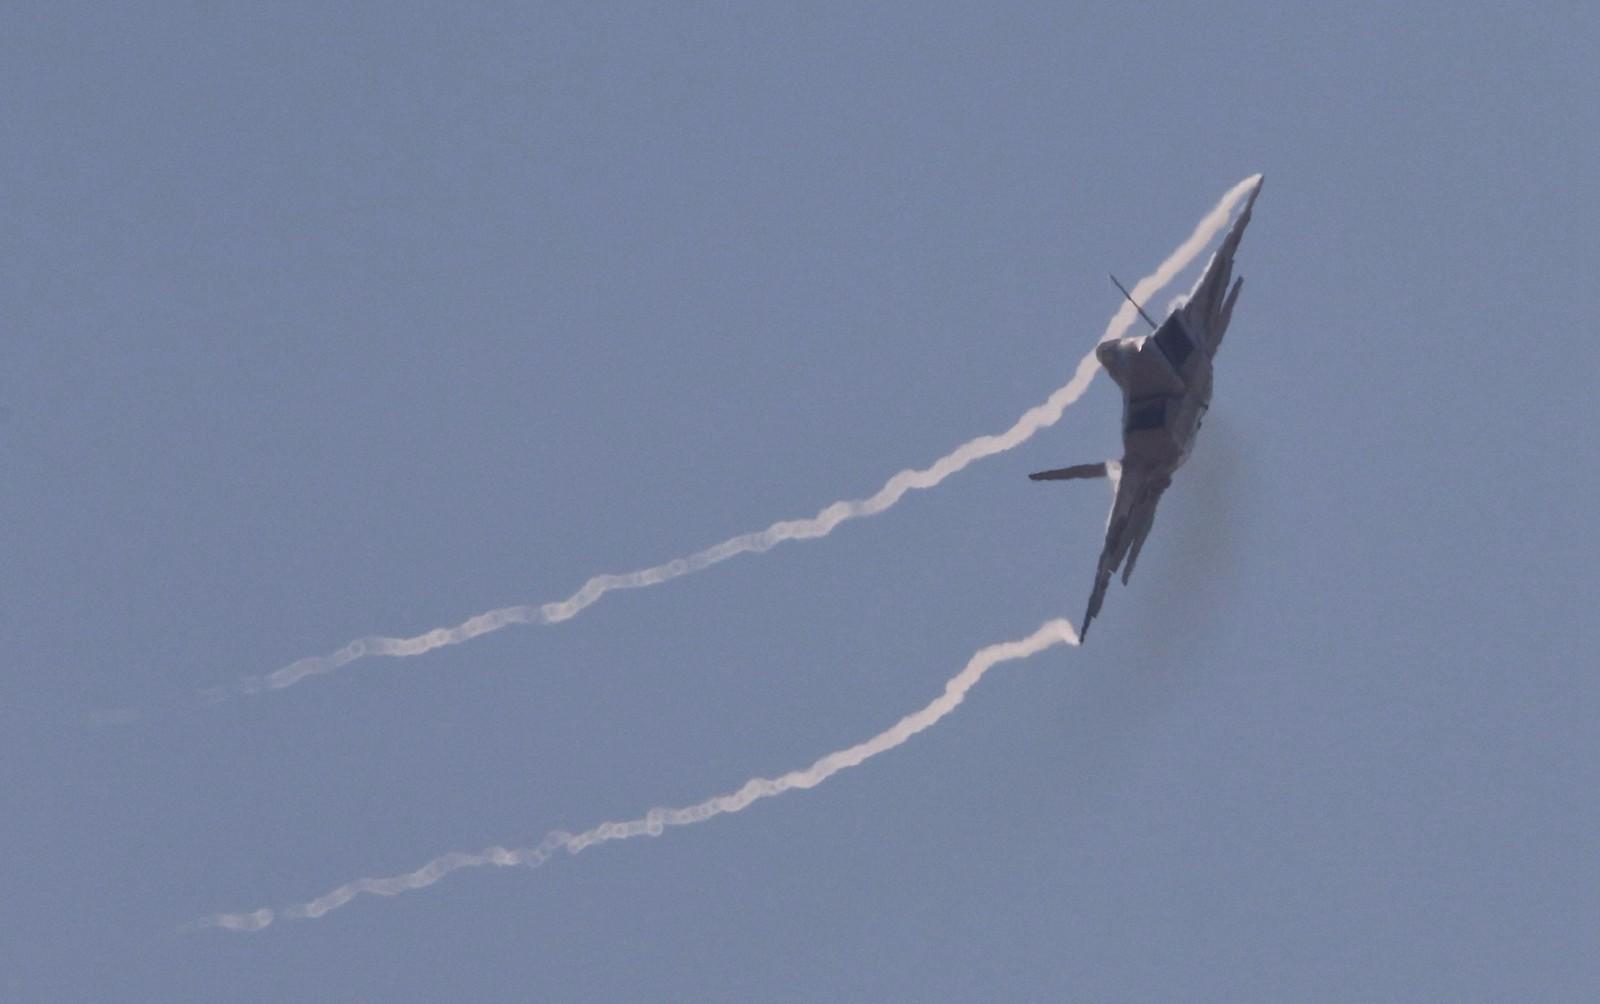 实拍地球最强战机F-22:气势如虹 - 一统江山 - 一统江山的博客